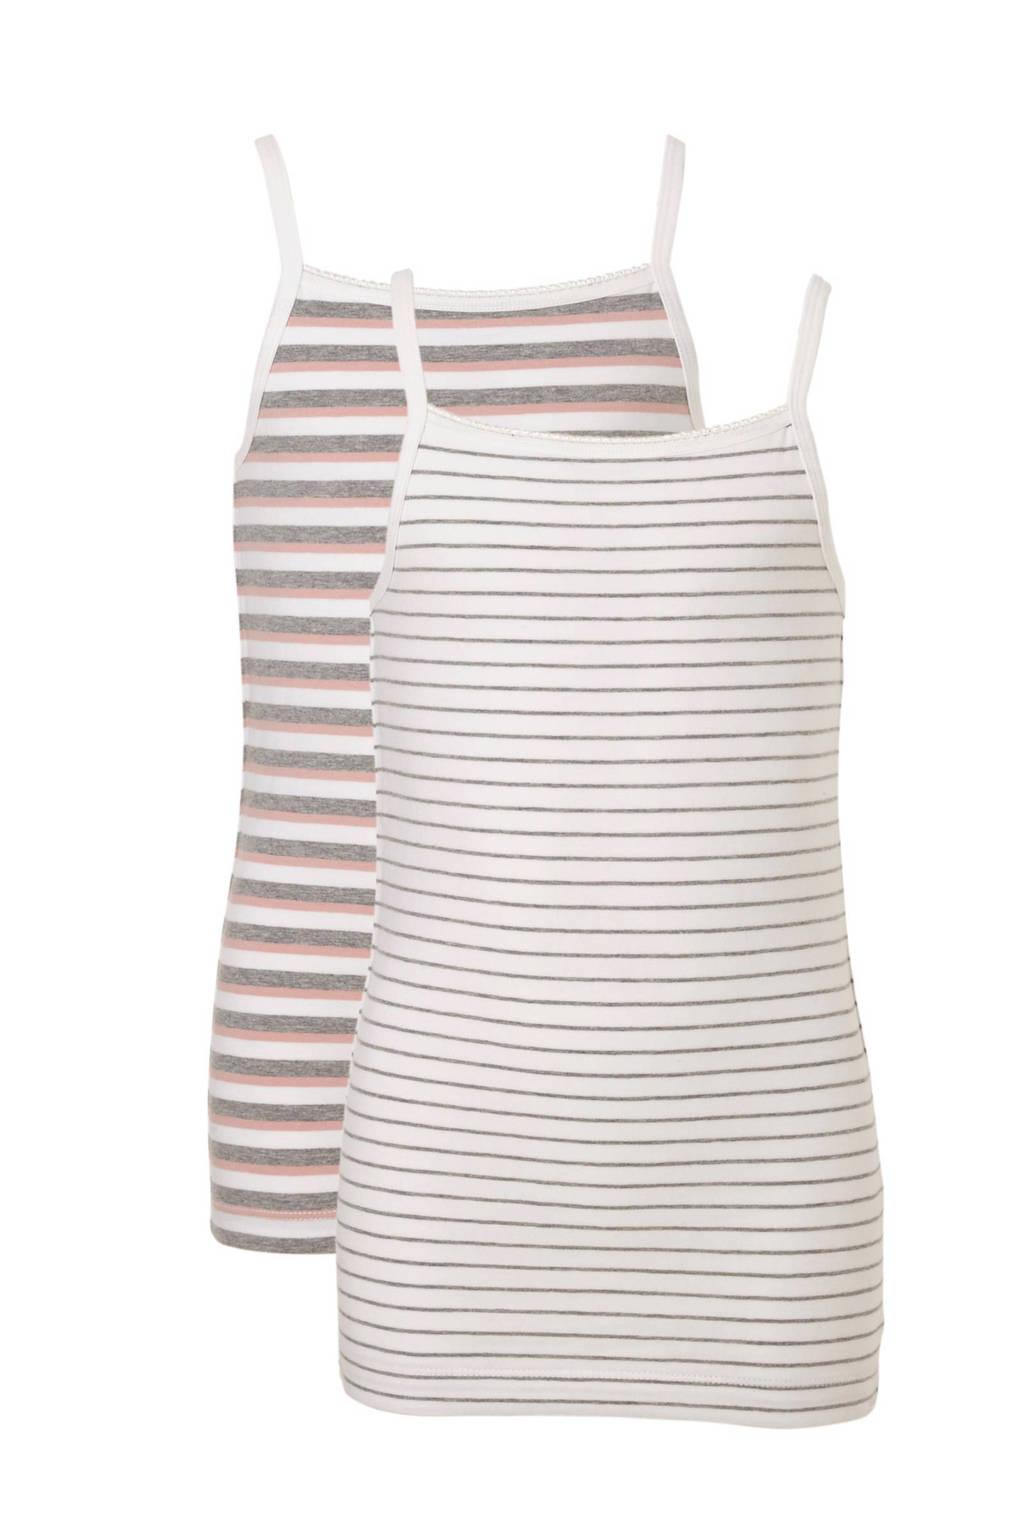 name it KIDS hemd (set van 2), Wit/roze/grijs melange